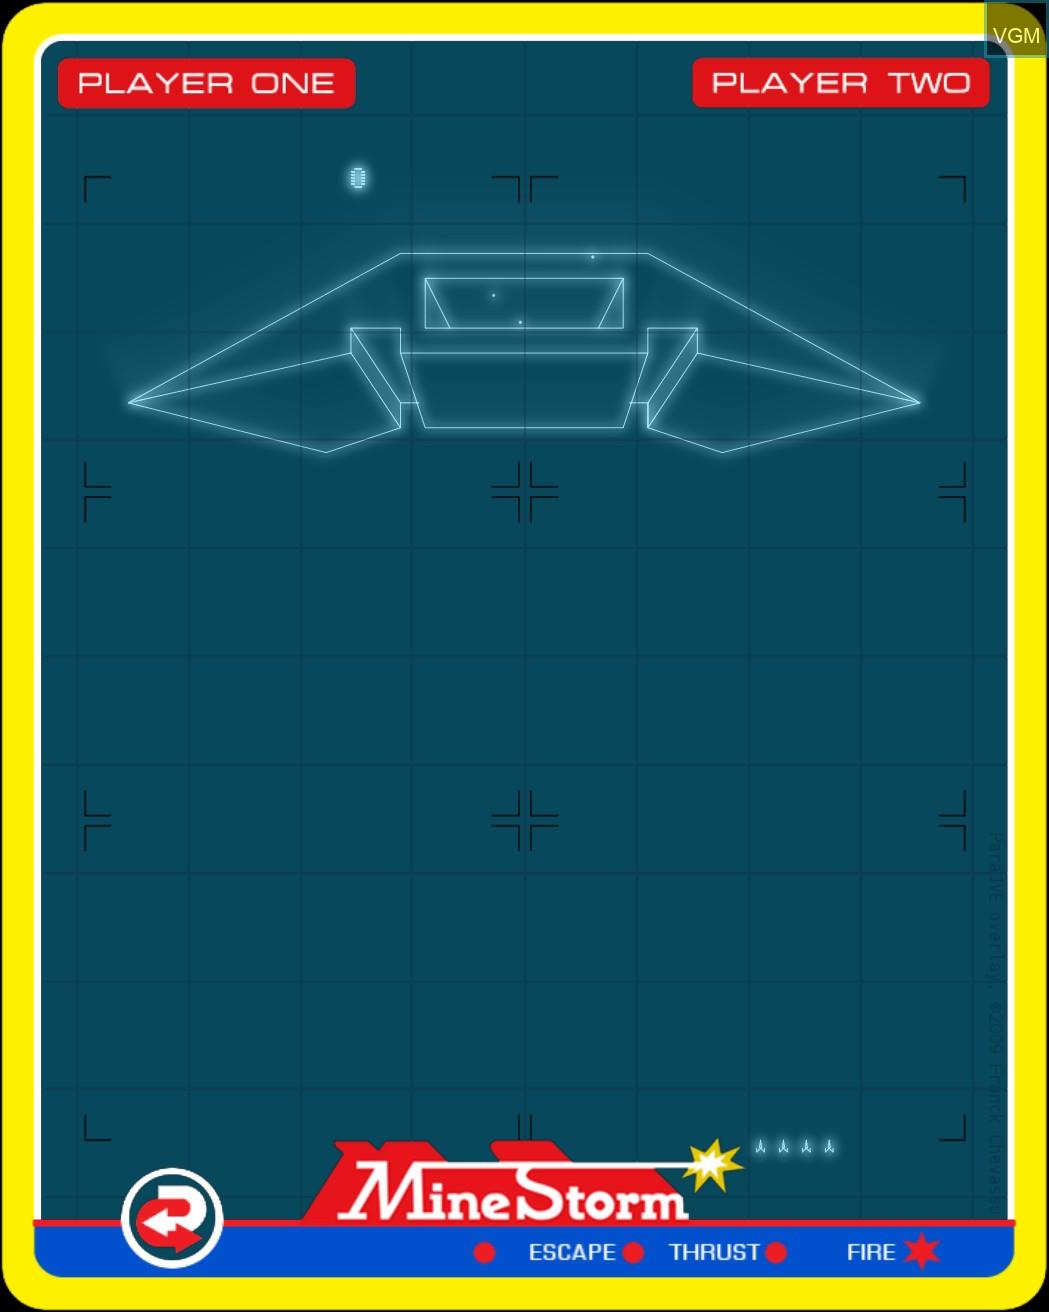 Image du menu du jeu Mine Storm II sur MB Vectrex